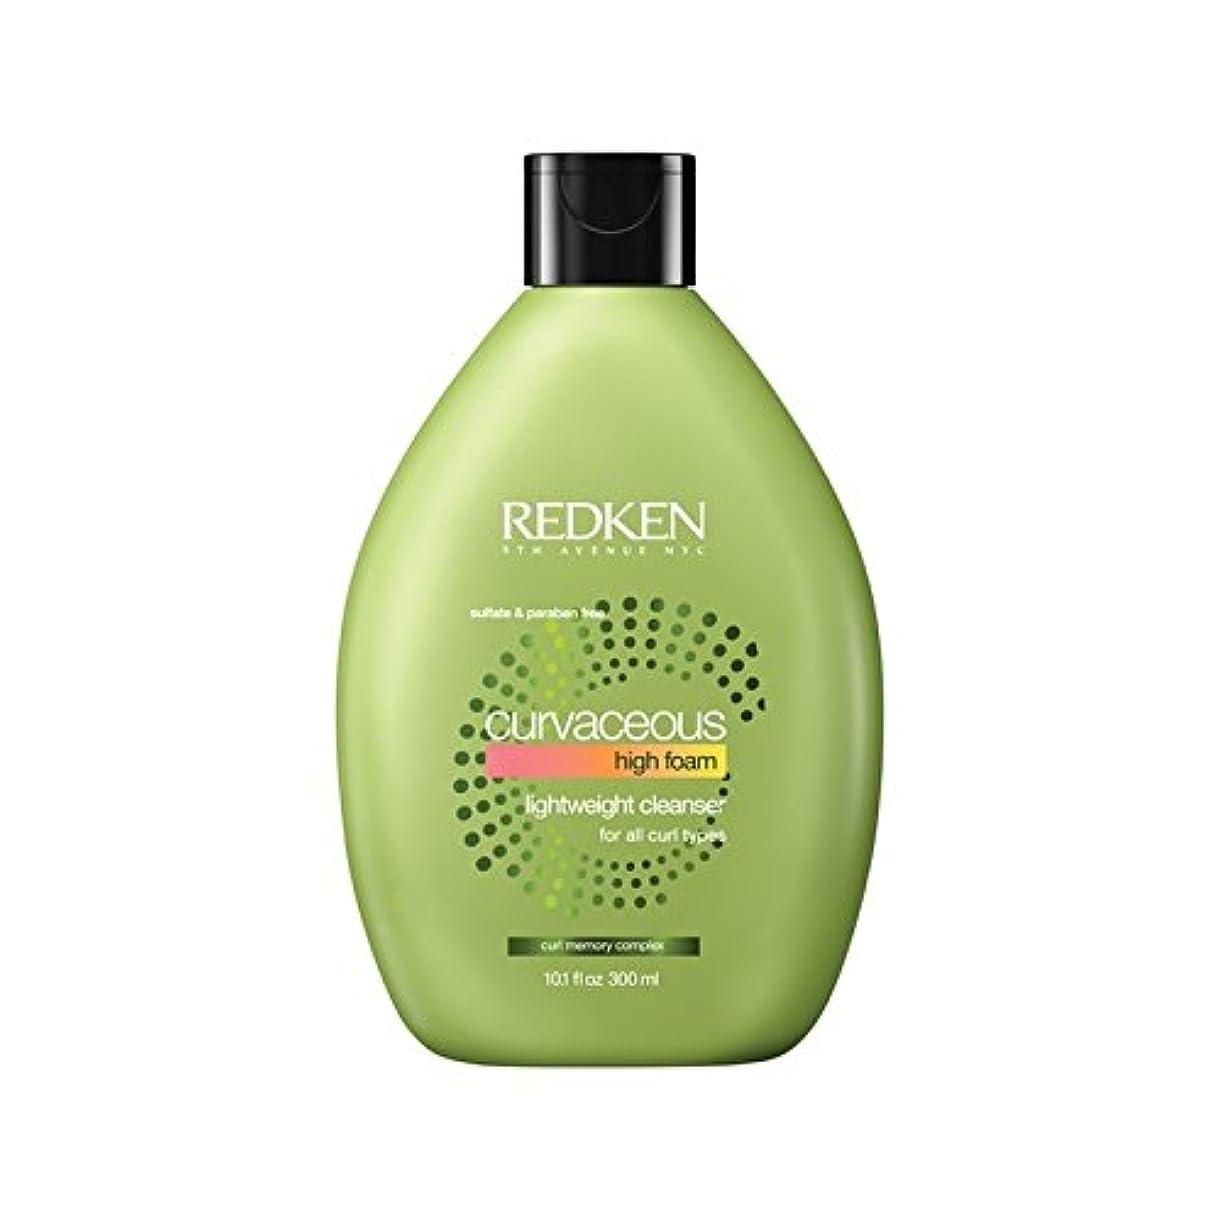 レッドケン曲線美の高い泡シャンプー300ミリリットル x4 - Redken Curvaceous High Foam Shampoo 300ml (Pack of 4) [並行輸入品]